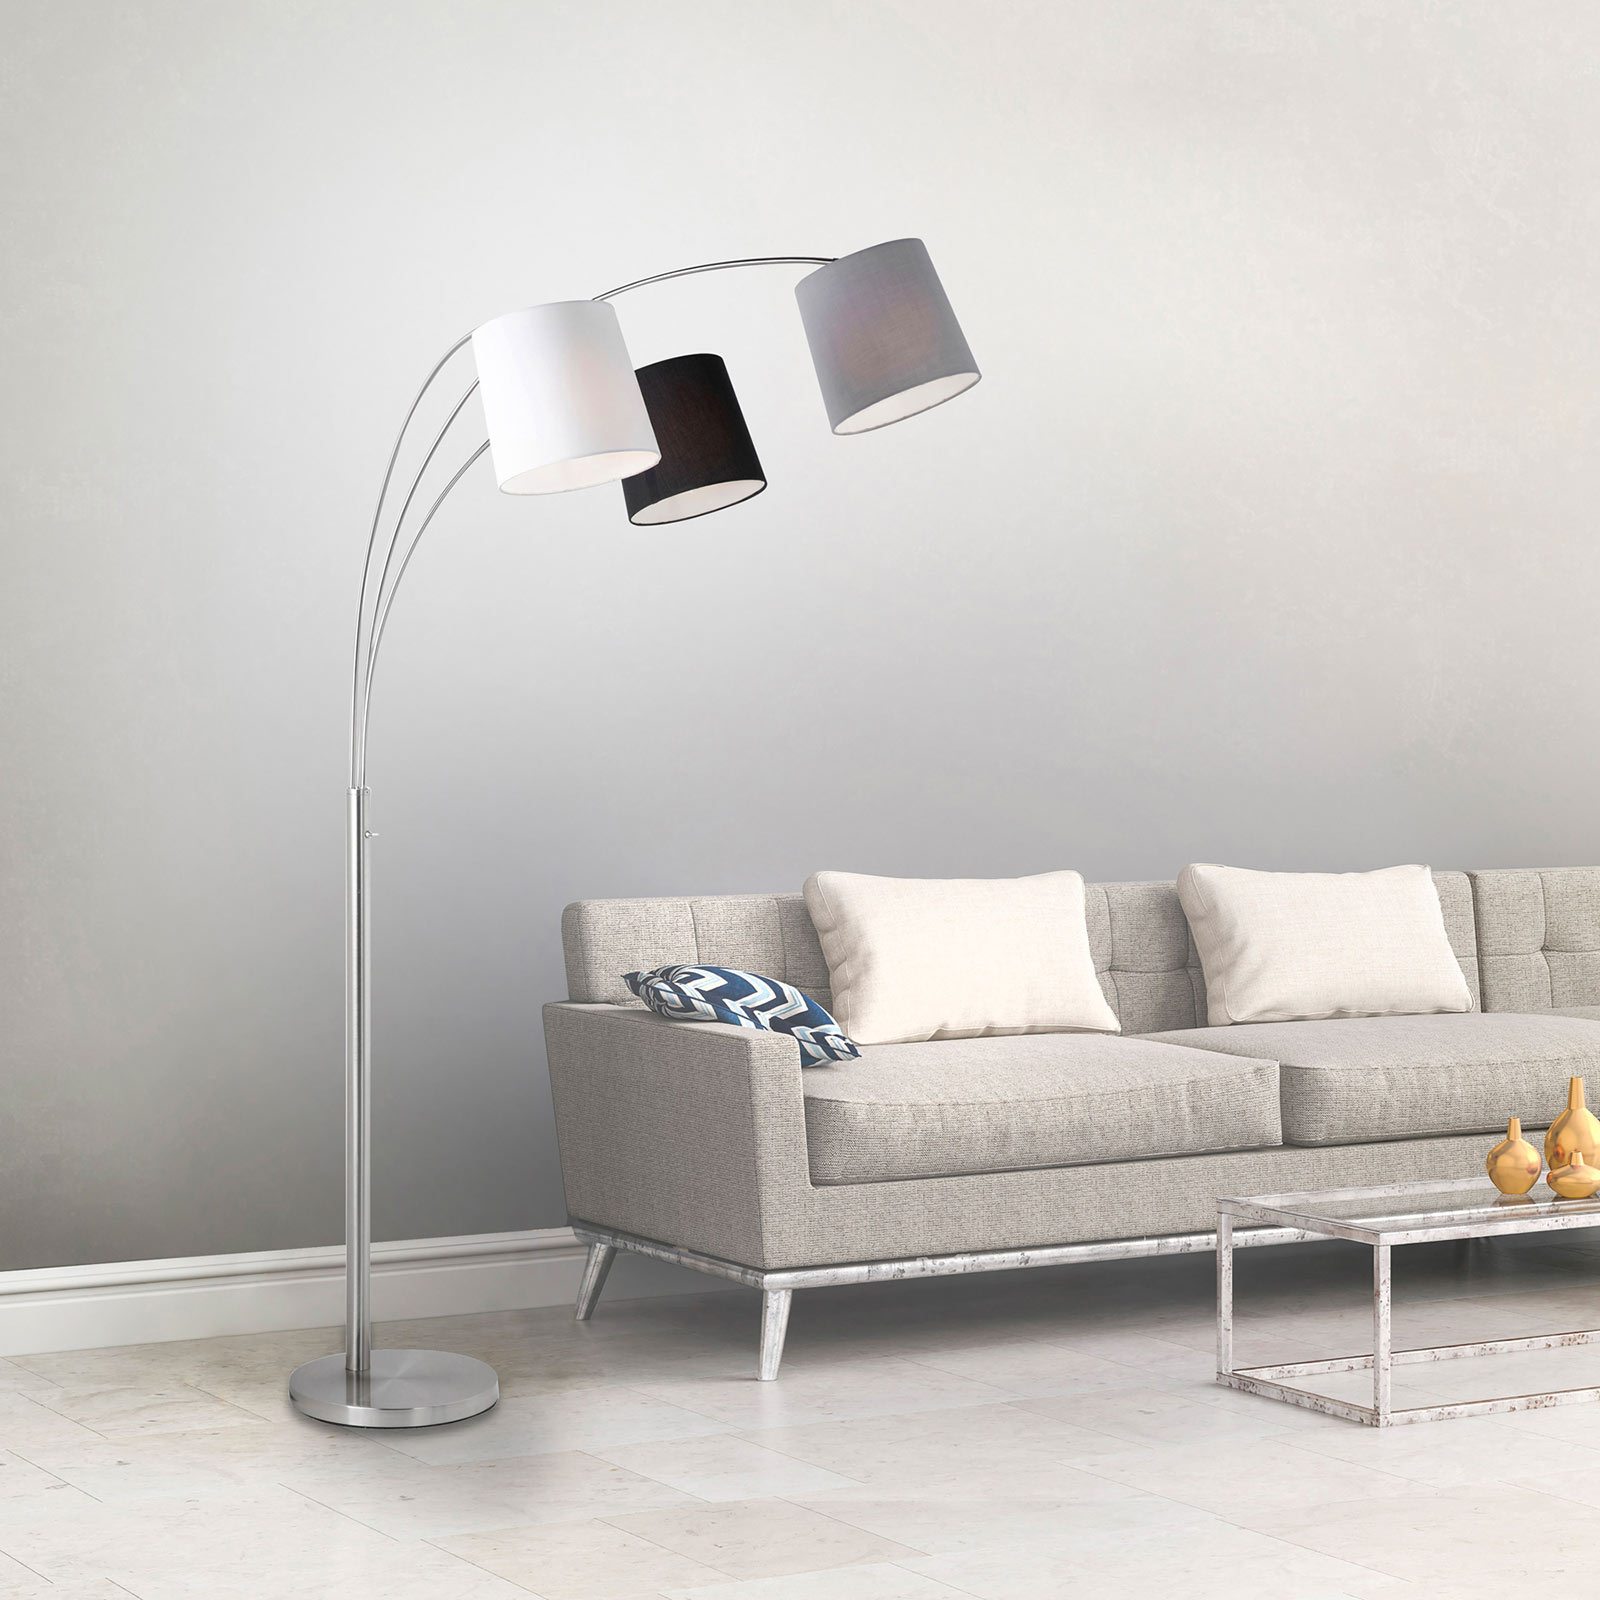 Golvlampa Melvin, 3 lampor, svart/grå/vit